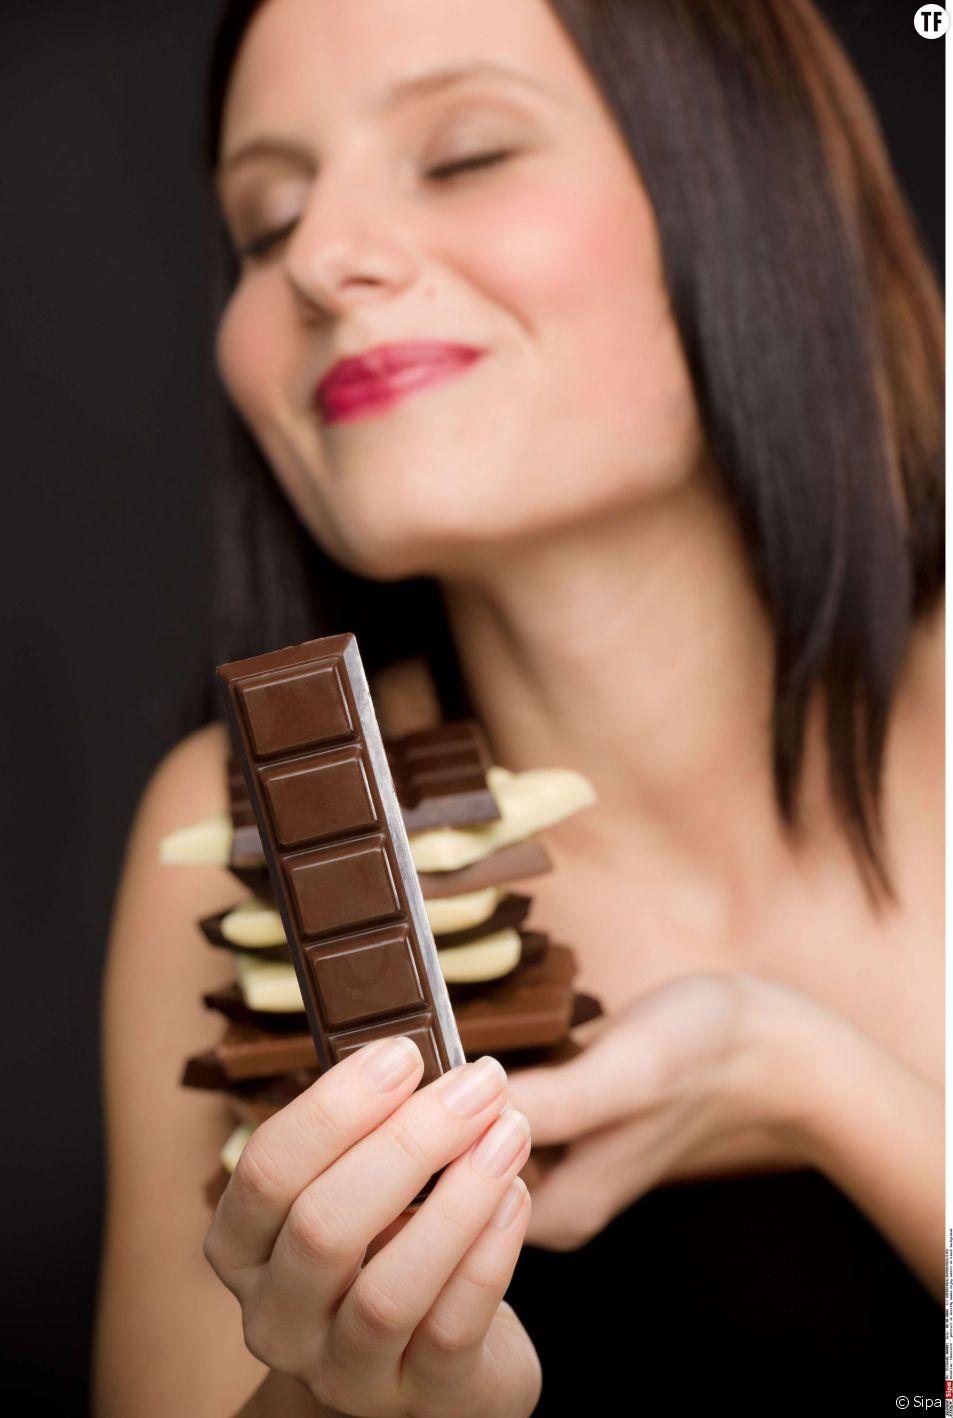 Le chocolat noir, riche en cacao, favorise la libération d'endorphines dans le cerveau et donc le plaisir.